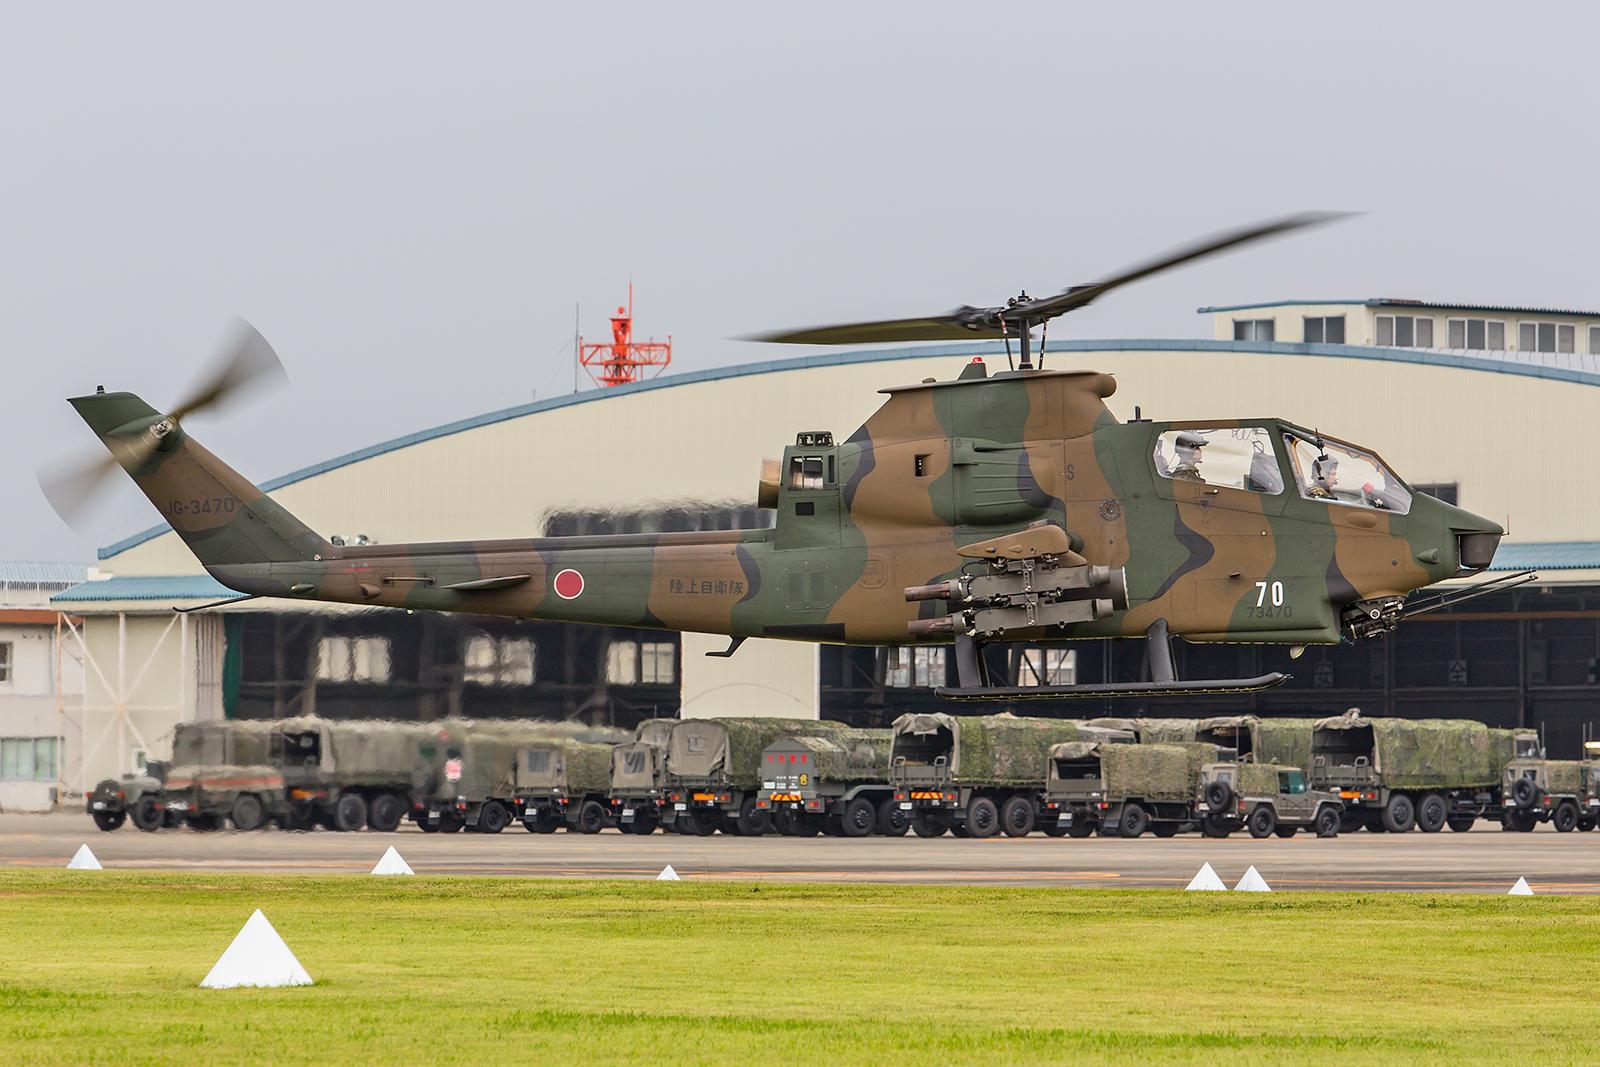 Die betagten AH-1S werden wohl noch ein paar weitere Jahre durchhalten müssen.